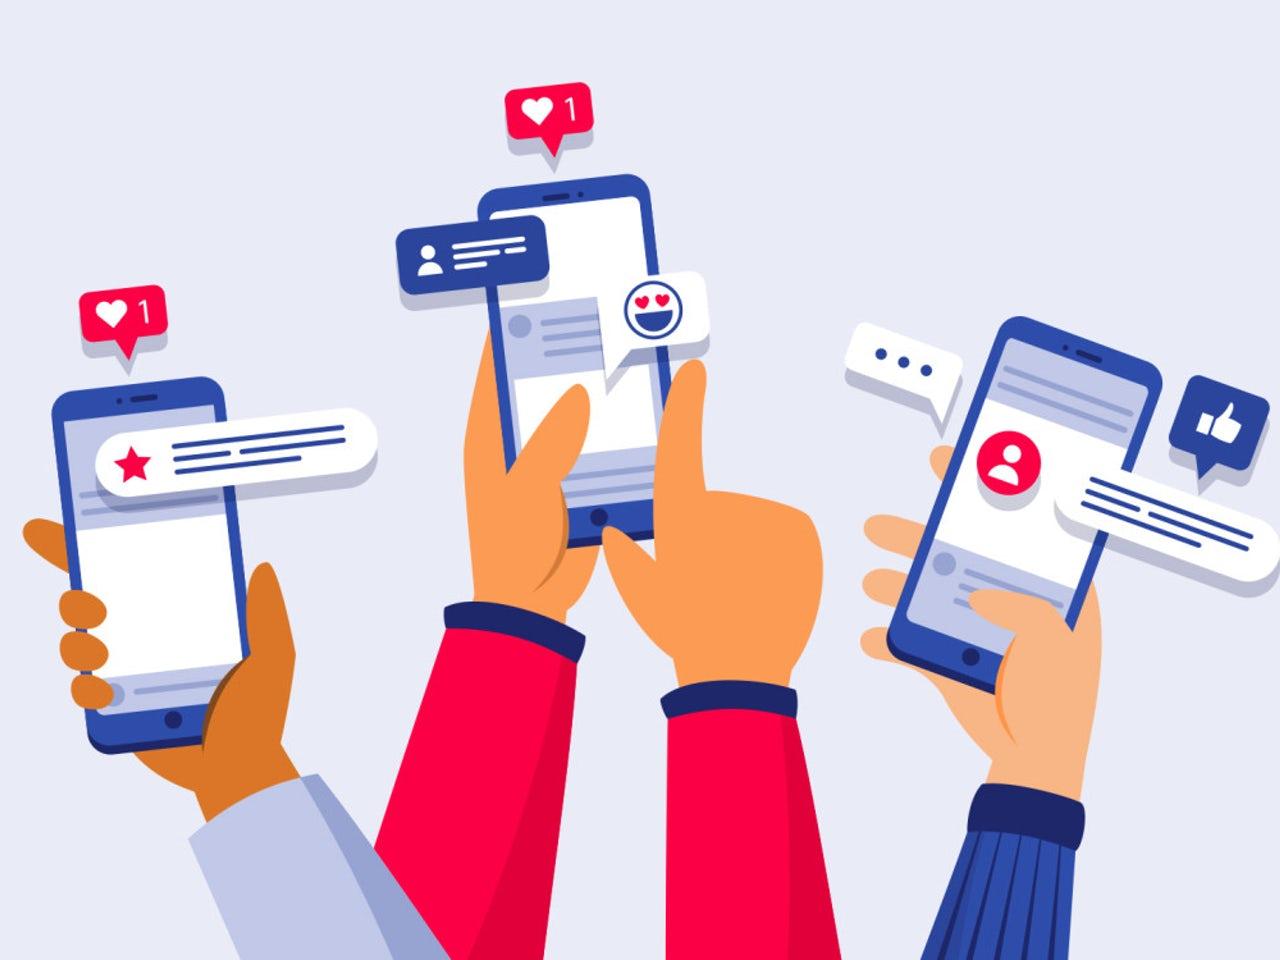 Xét về số lượng, sẽ cực kì khó có con số chính xác về số trang web và ứng dụng đang tồn tại. Vì vậy người ta chia social mediathành 4 phần nhỏ dựa vào thuộc tính của site và áp dụng.